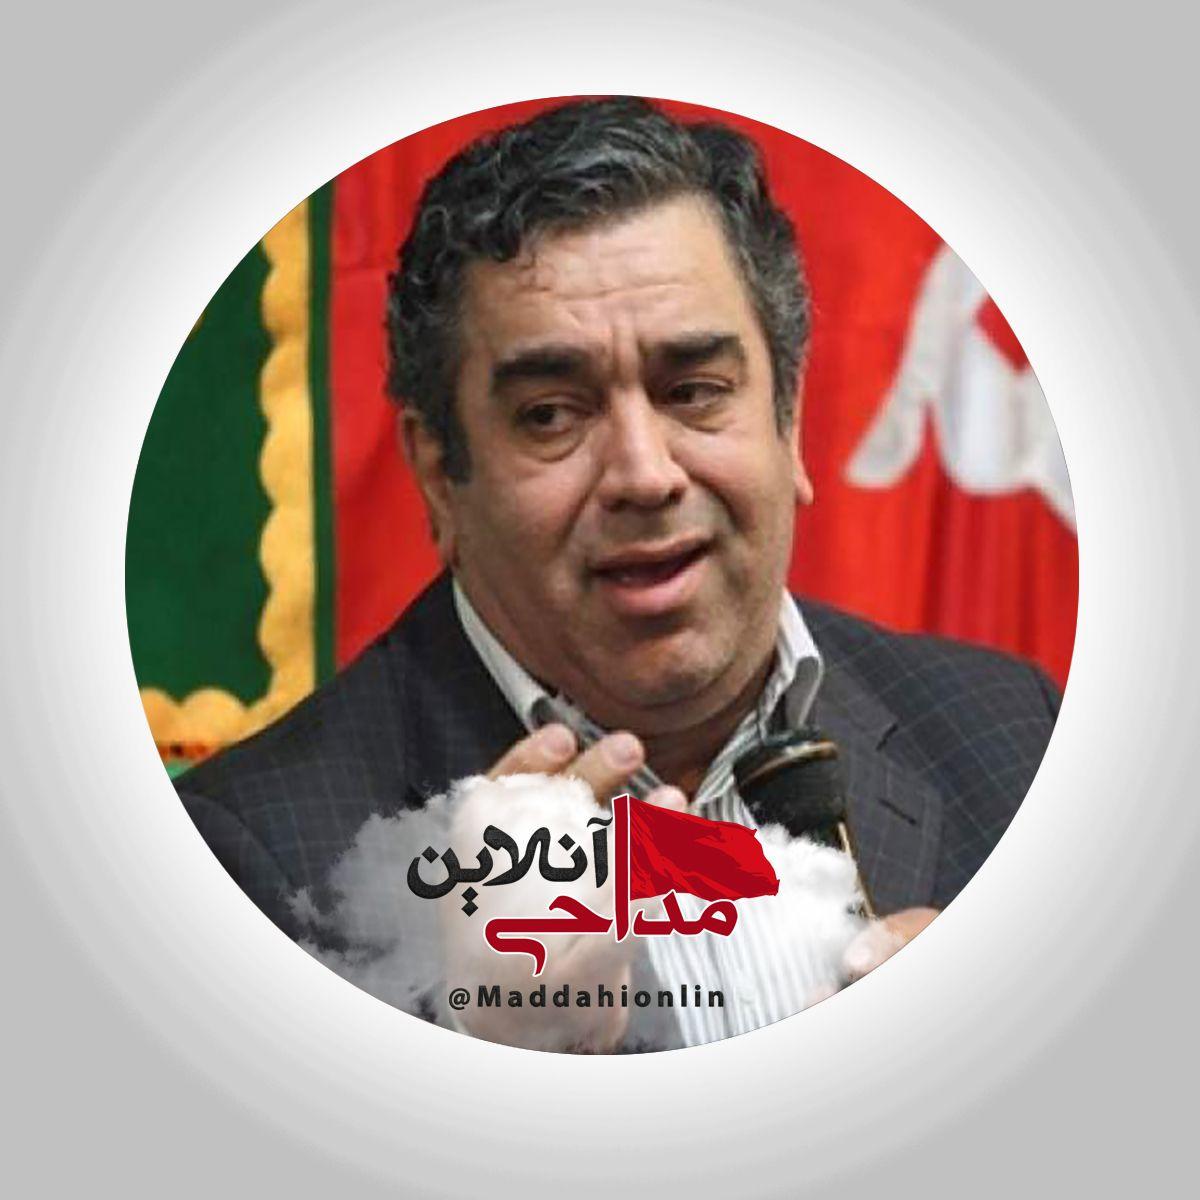 حاج حسن خلج